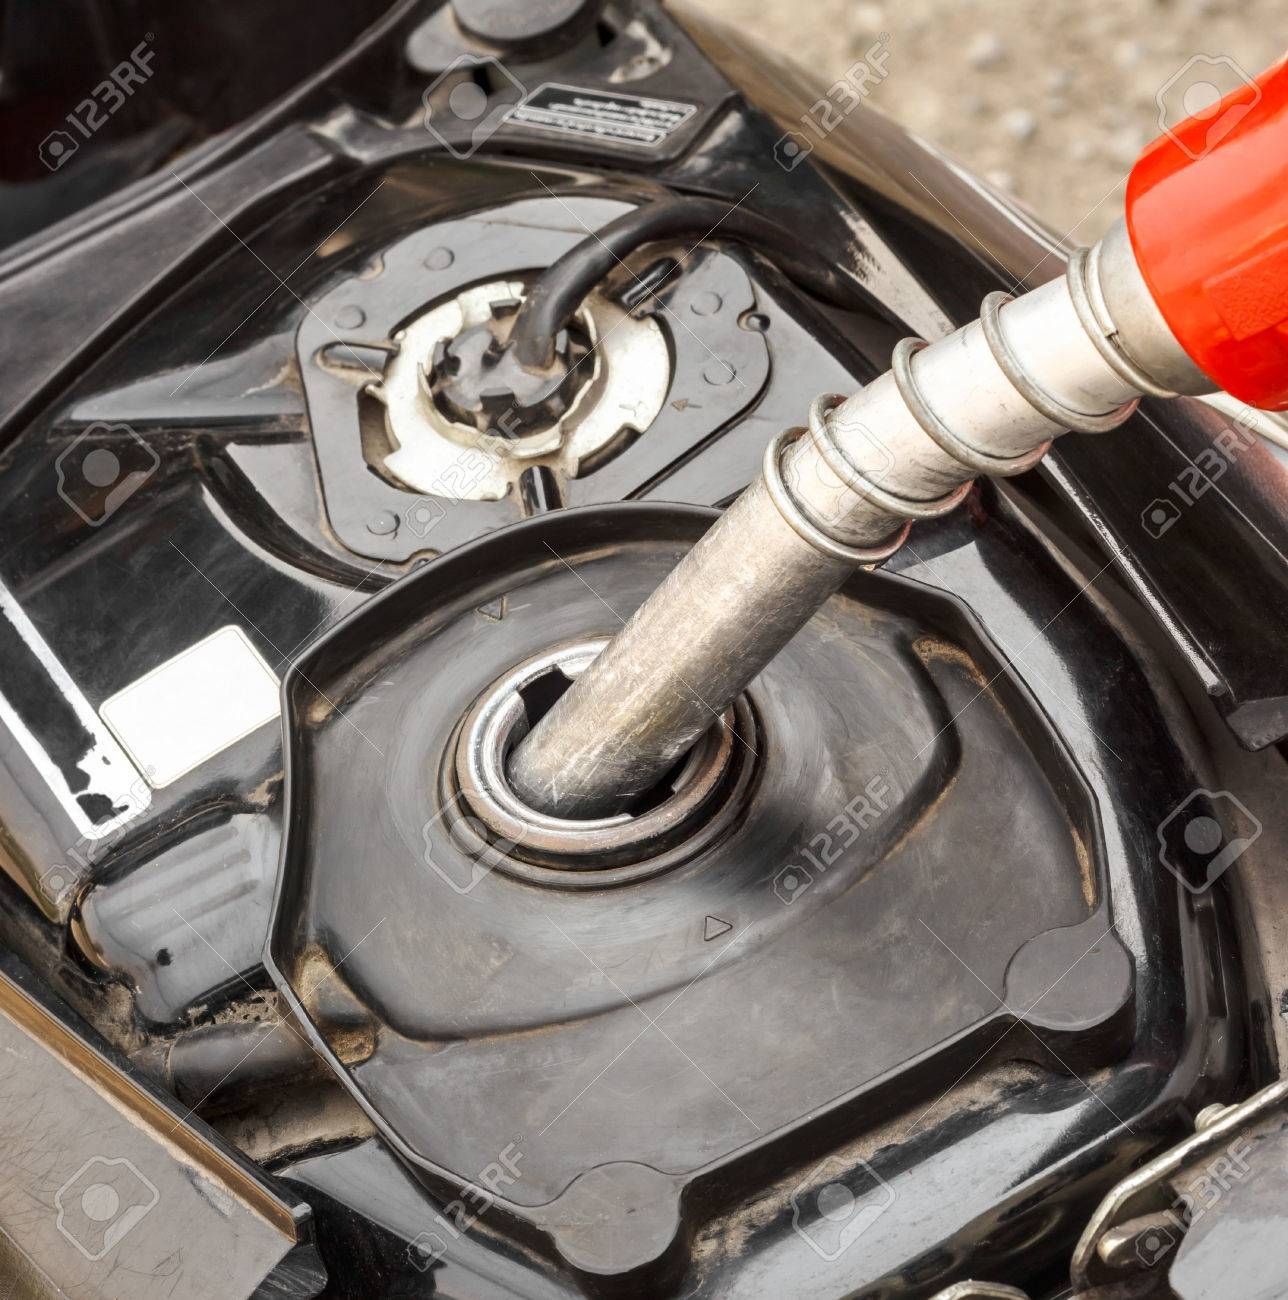 オートバイのガソリン スタンドで給油 の写真素材・画像素材 Image 29024664.